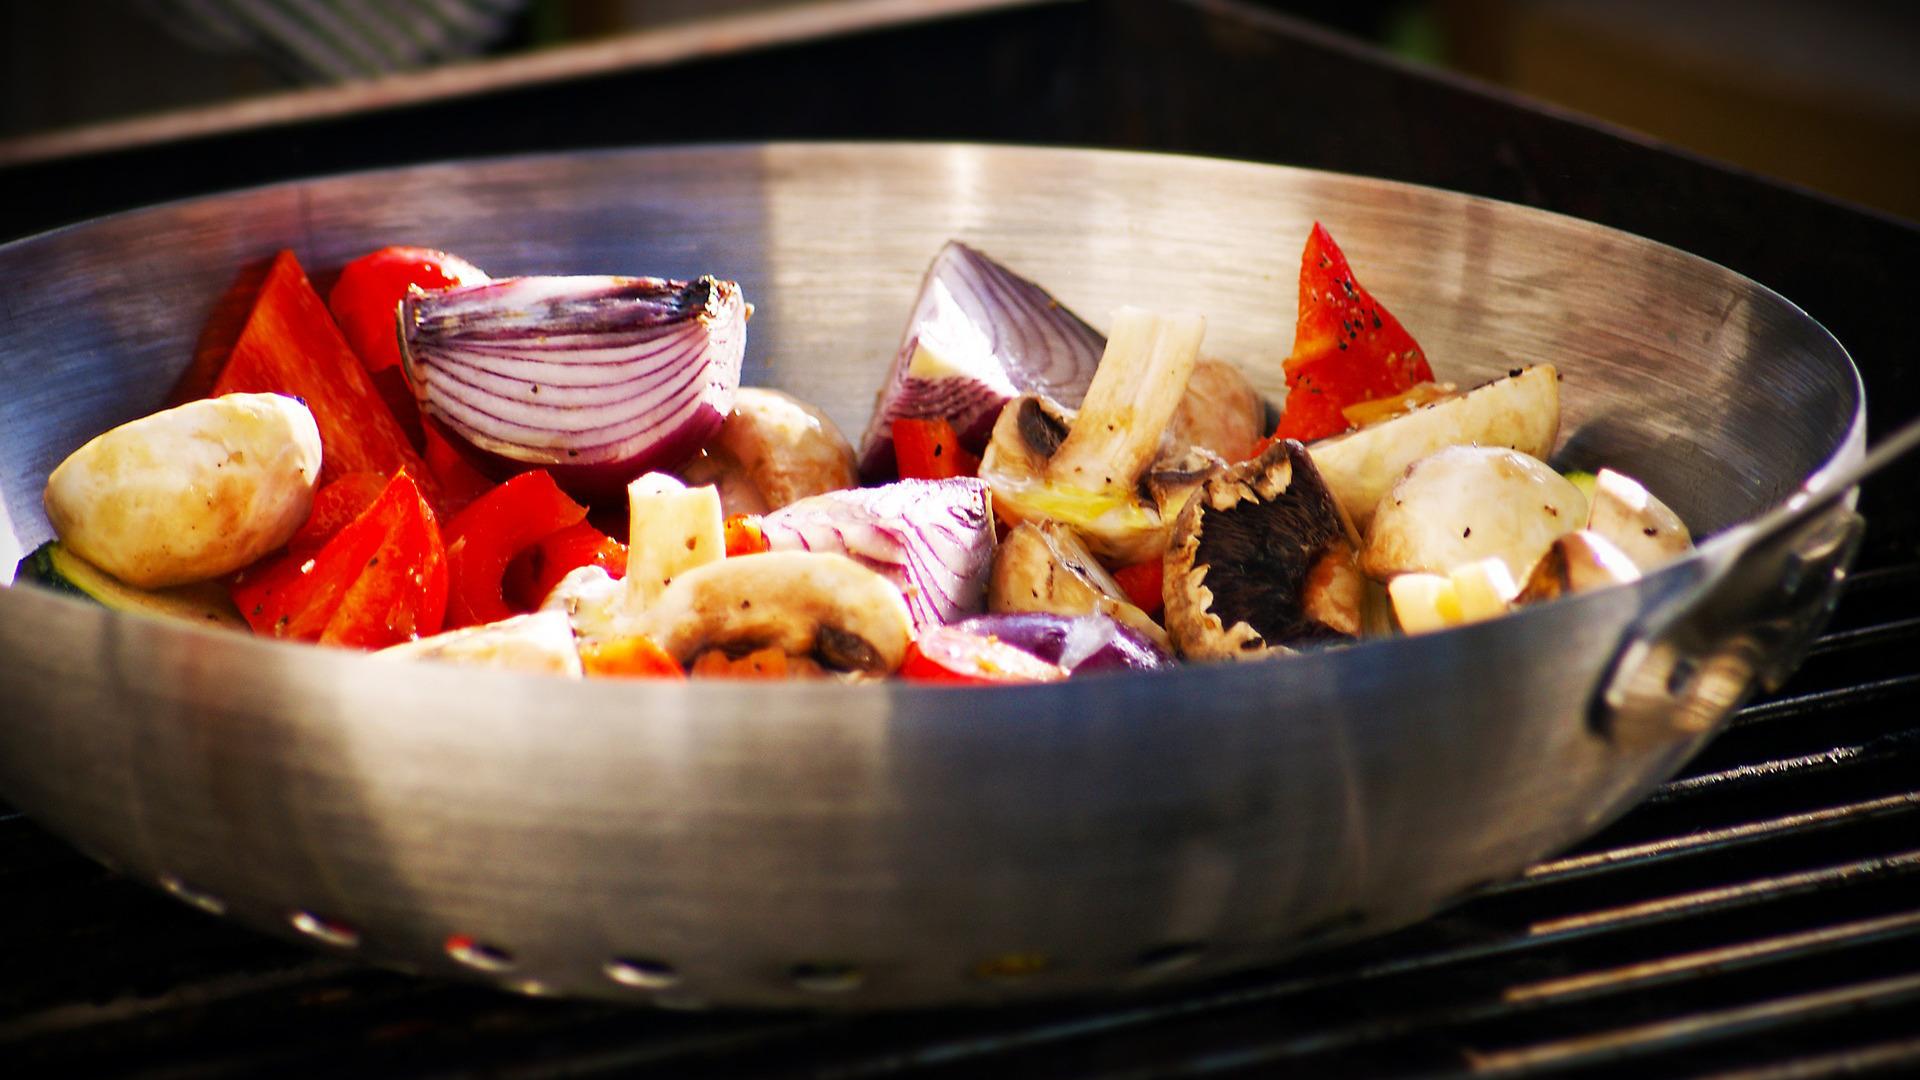 los-beneficios-de-cocinar-las-hortalizas-en-wok-1920